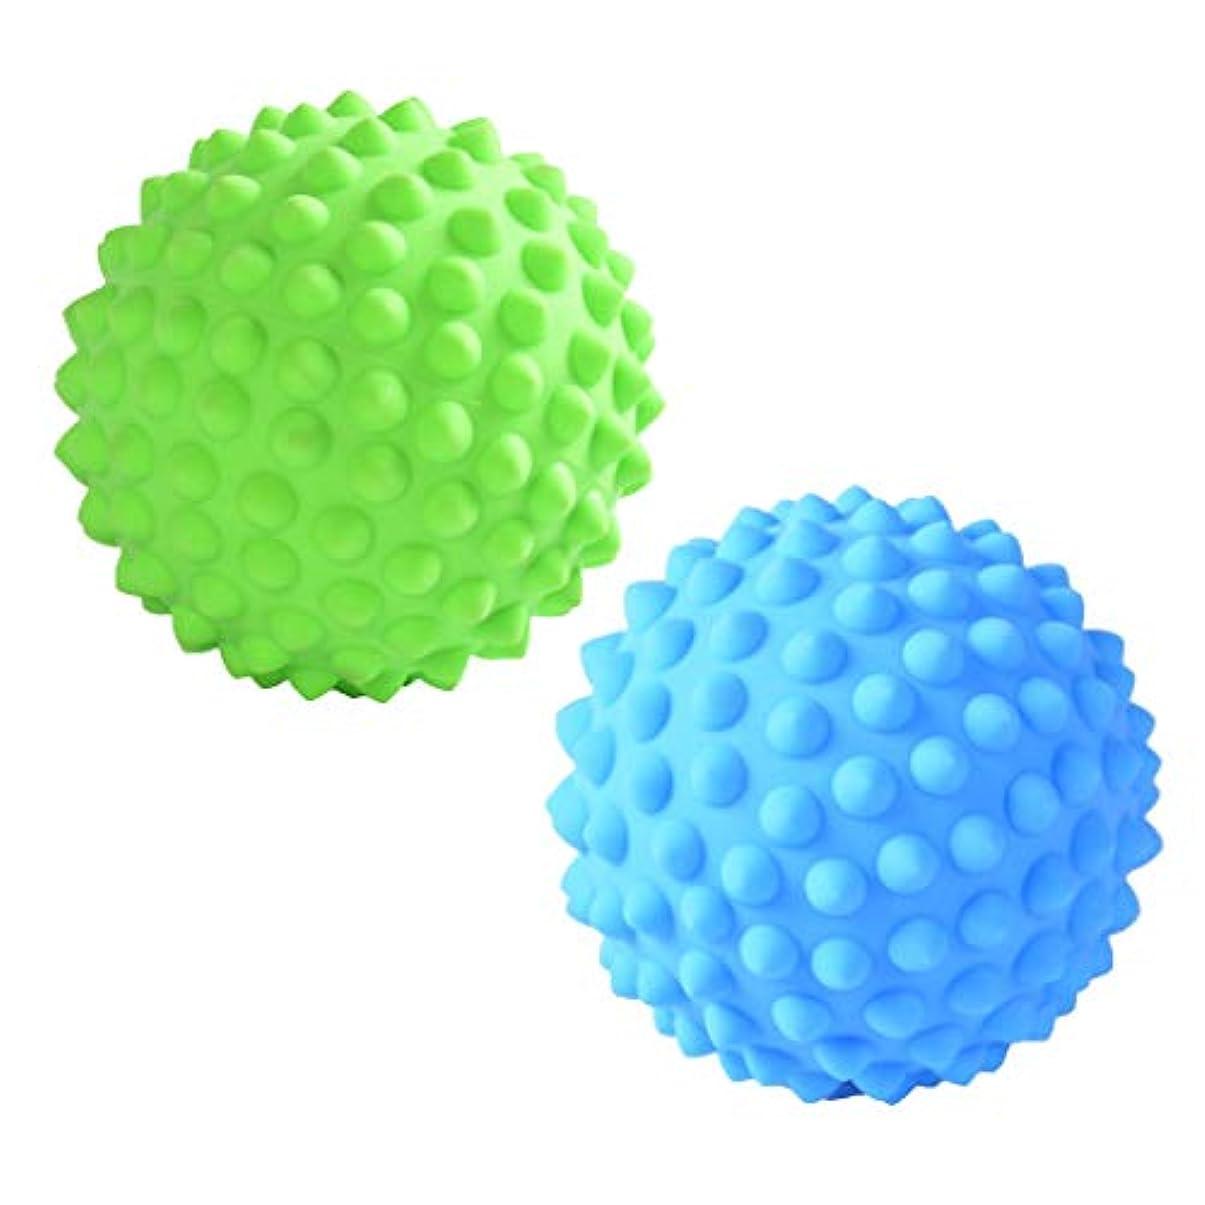 報復する生き物馬鹿げたPrettyia マッサージローラーボール 指圧ボール PVC トリガーポイント 疲れ解消ボール ヨガ 疲労軽減 2個